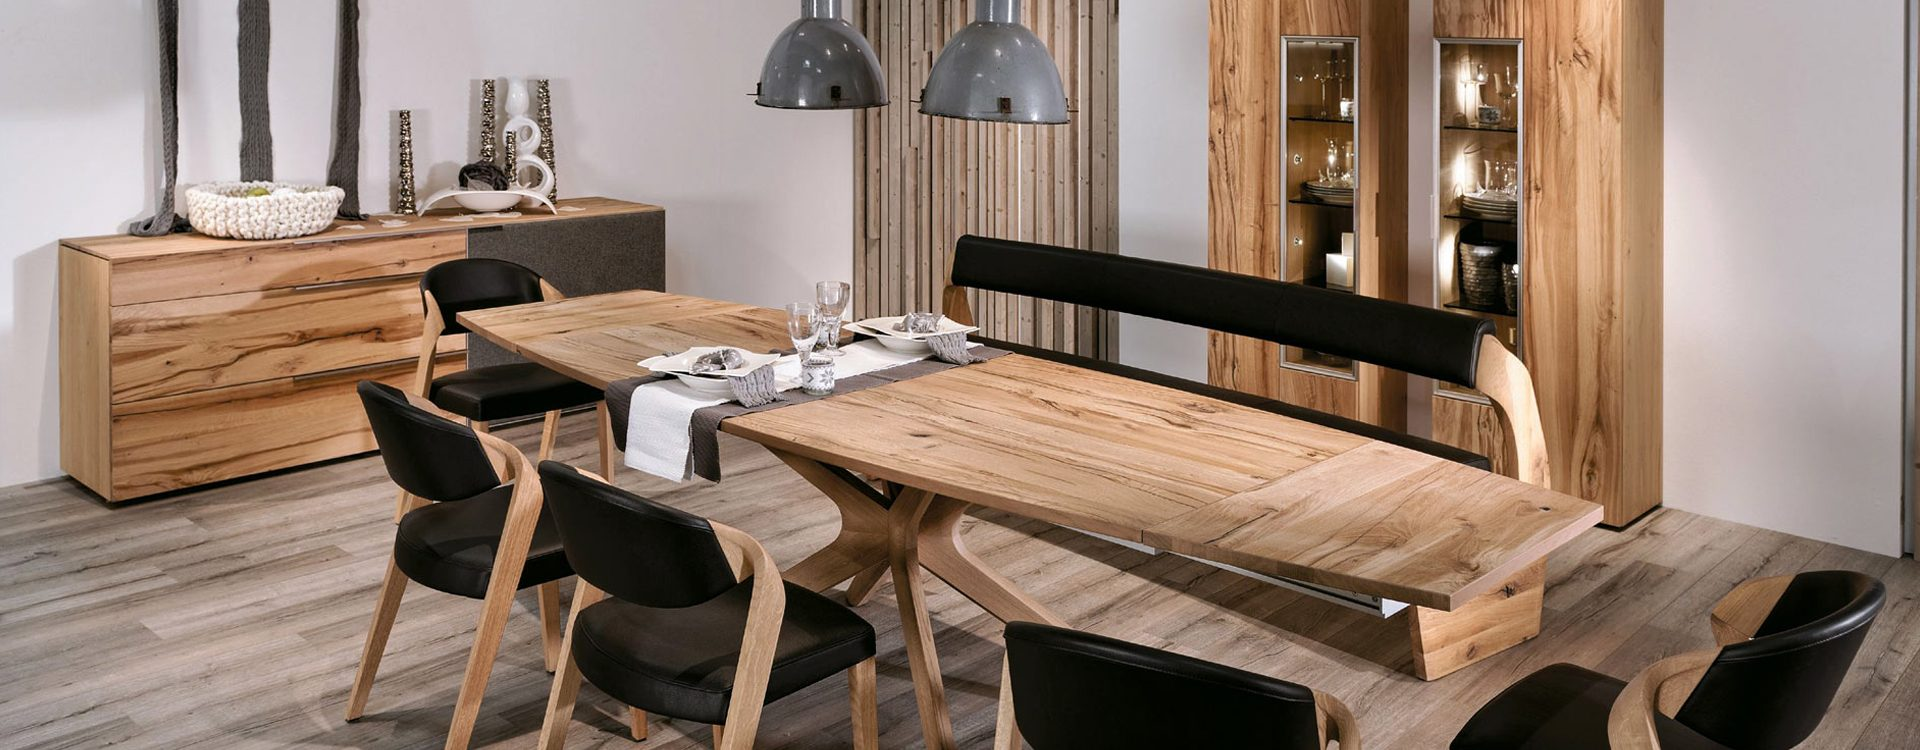 Essen mit Möbel Center GEIGER